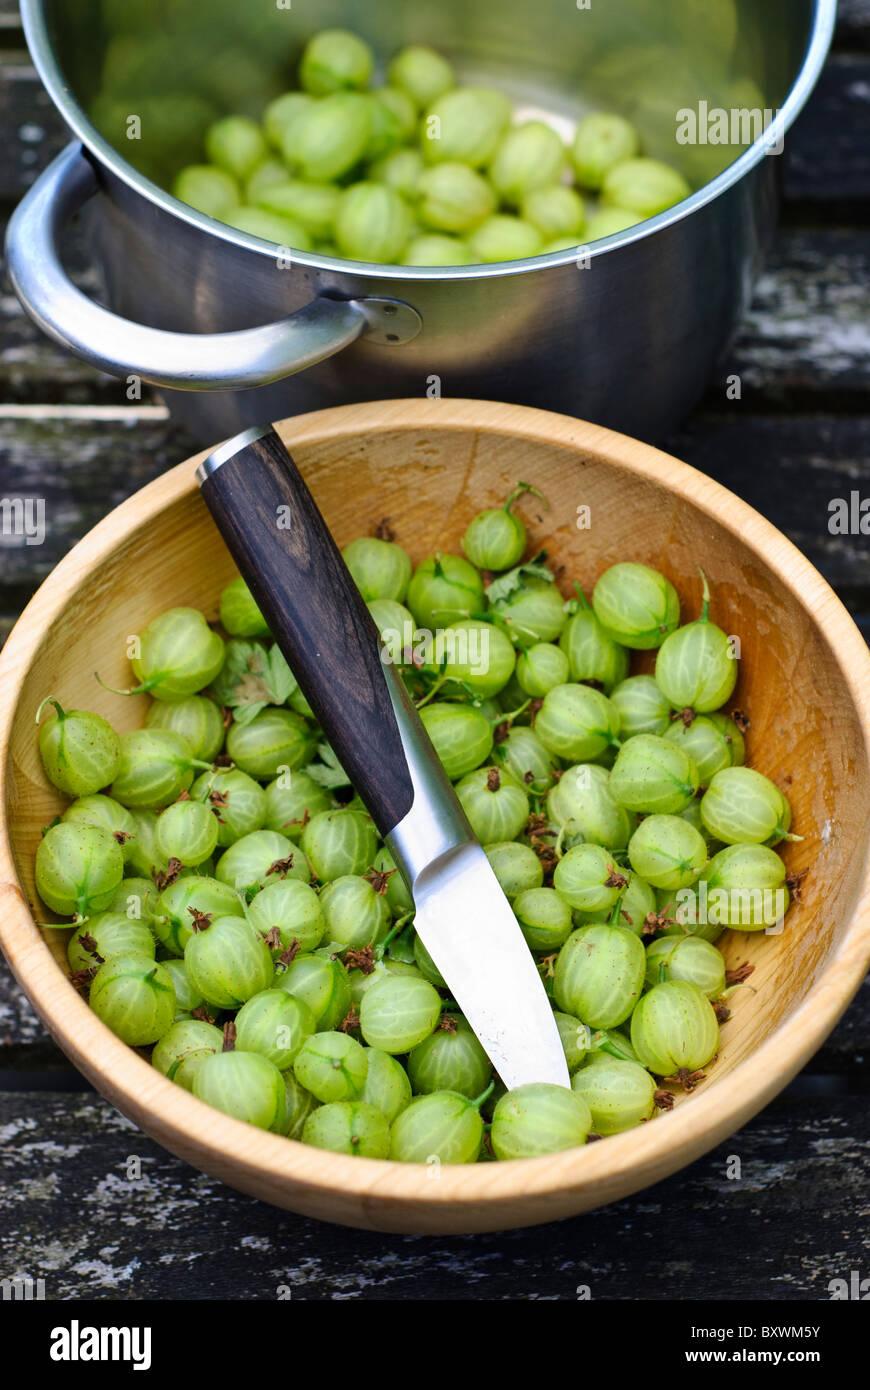 Frische einheimische Stachelbeeren vorbereiten, Kochen Stockbild